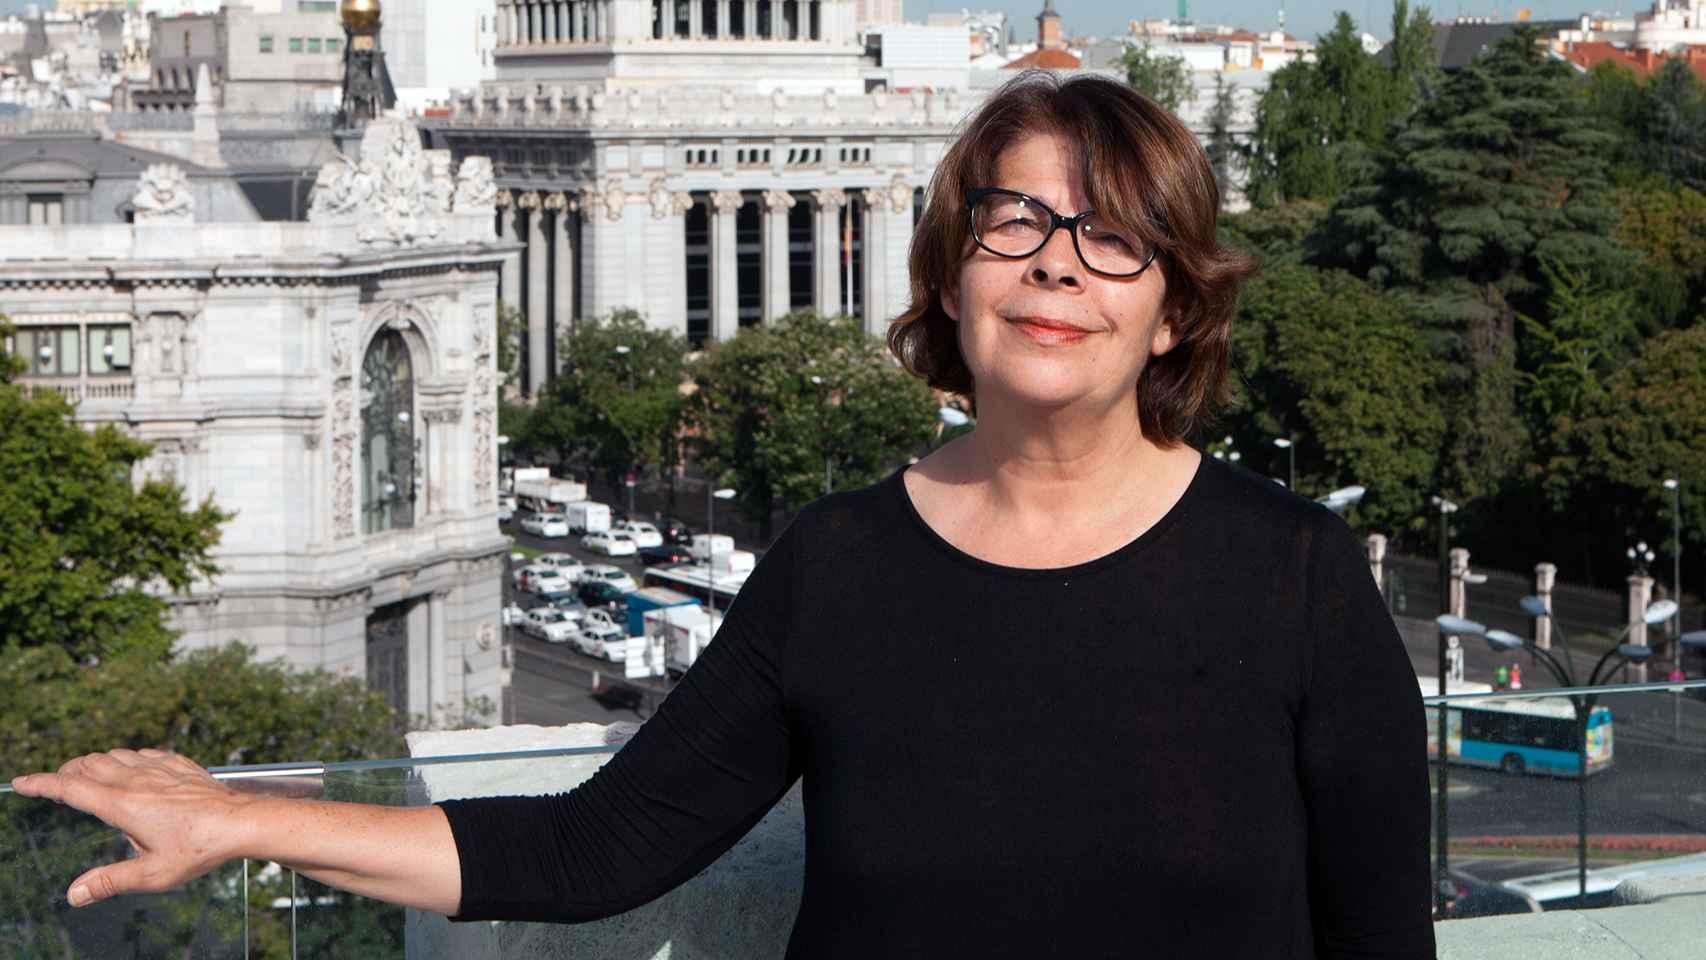 Inés Sabanés, delegada del Área de Medio Ambiente del Ayuntamiento de Madrid.